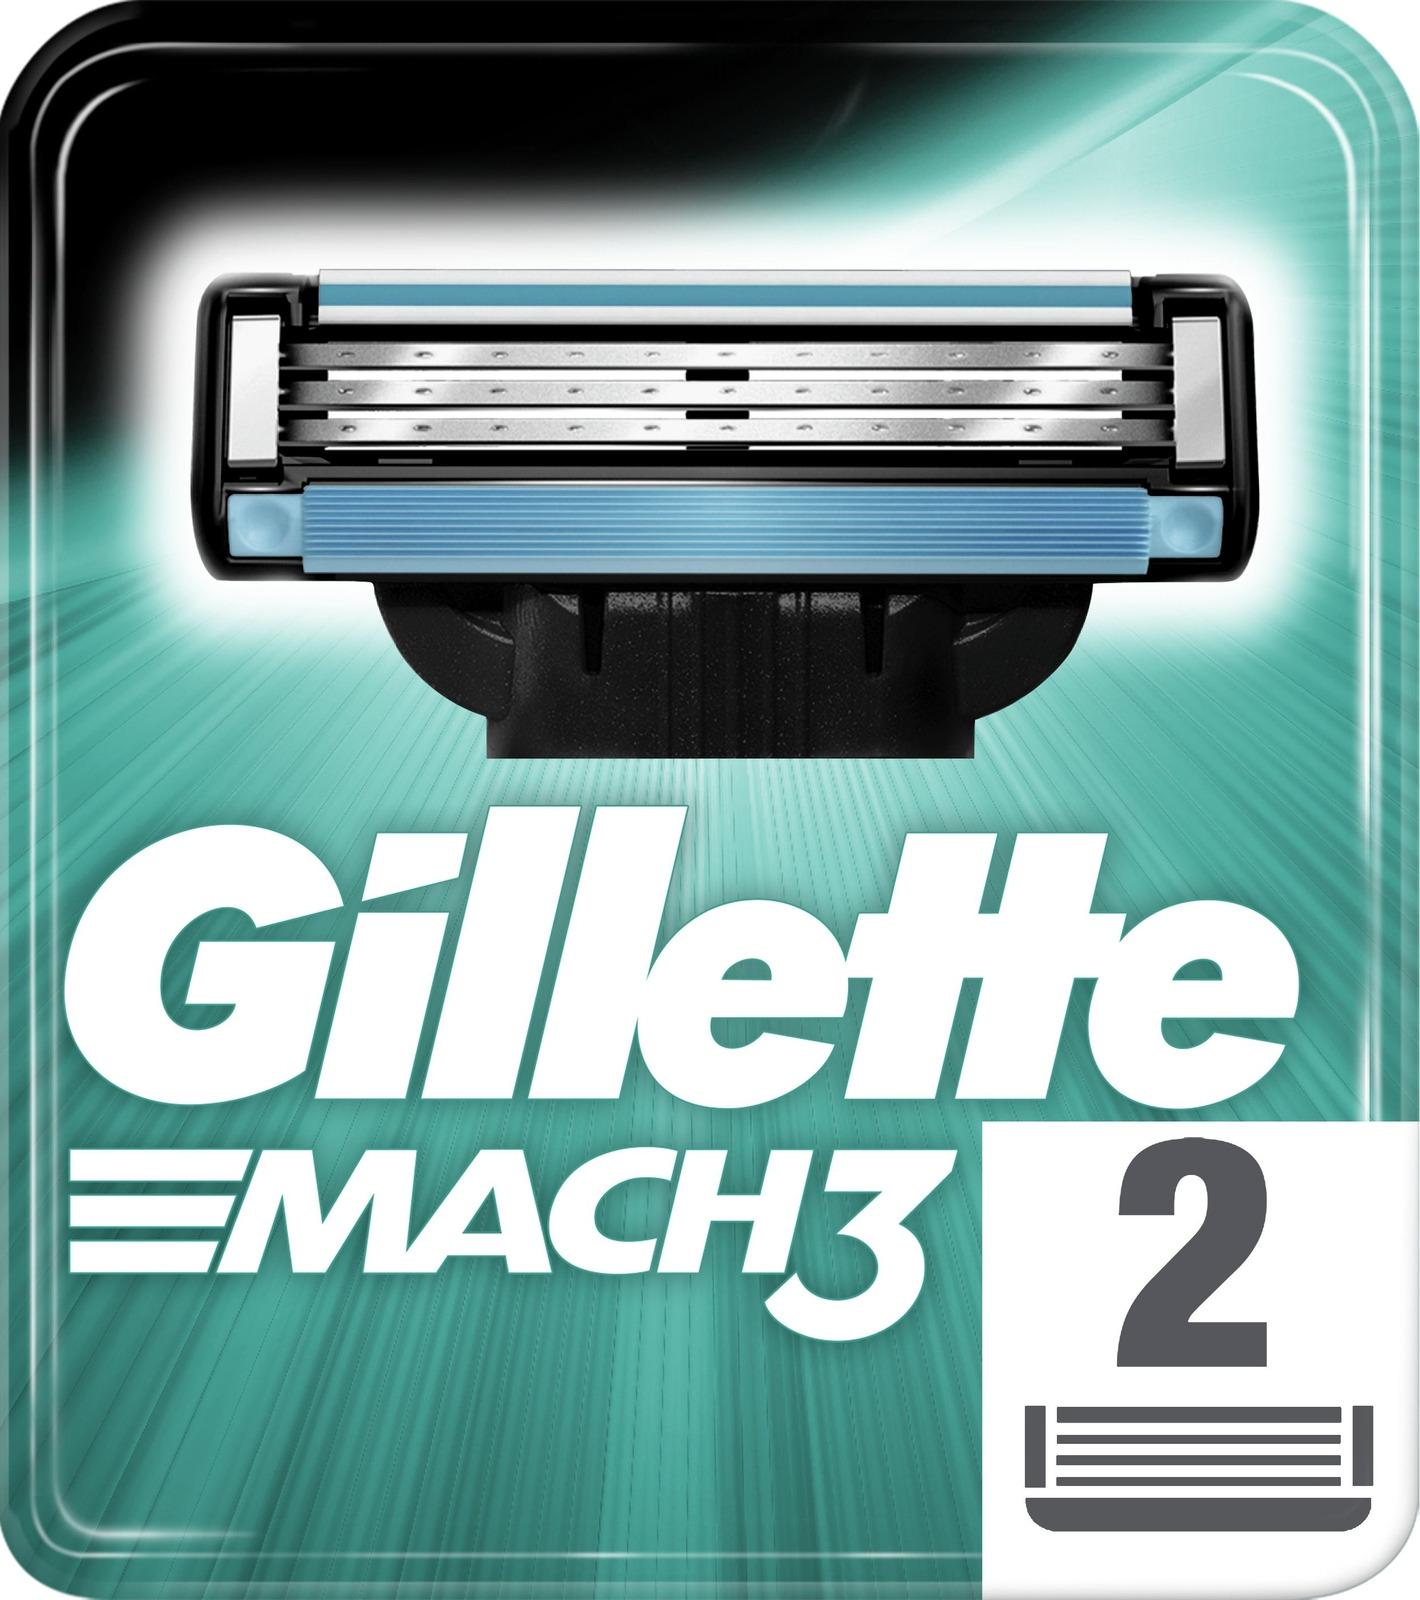 Сменные Кассеты Для Мужской Бритвы Gillette Mach3, 2шт сменные кассеты для бритья gillette mach3 2 шт [81540655]